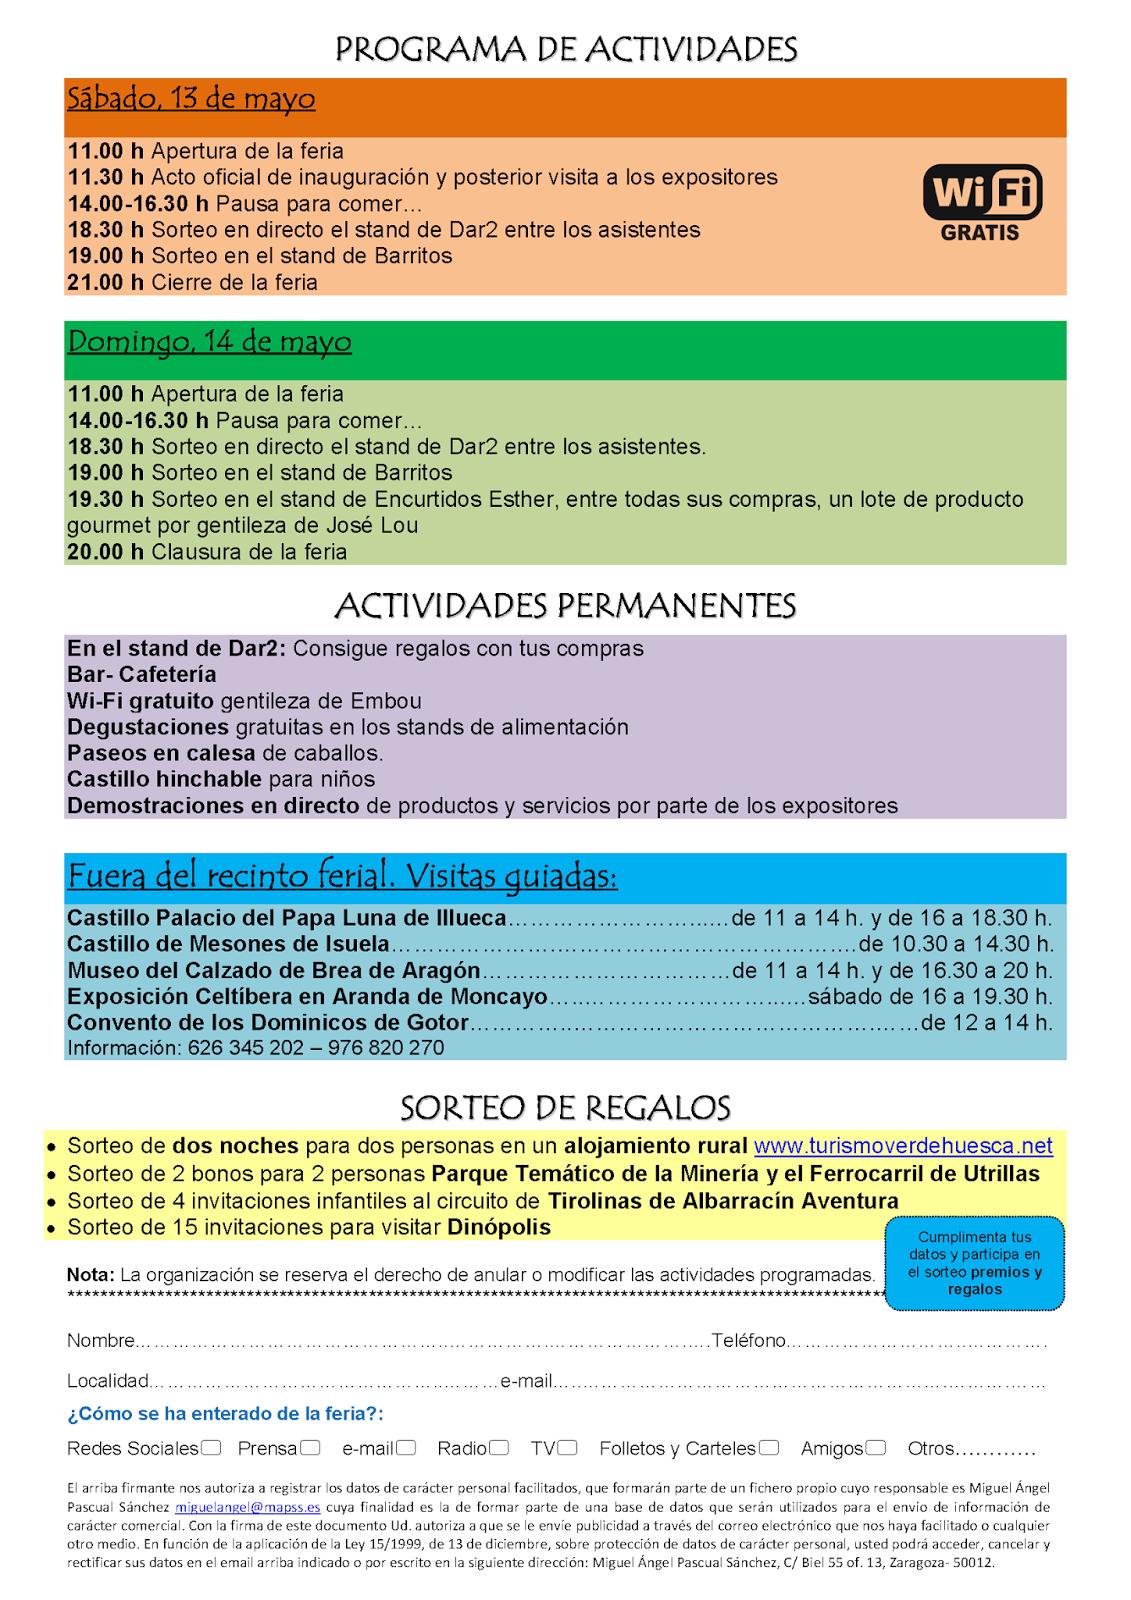 Dentro de las actividades de la 3ª Feria Expo Calzado de Brea de Aragón 16ea58c856e0